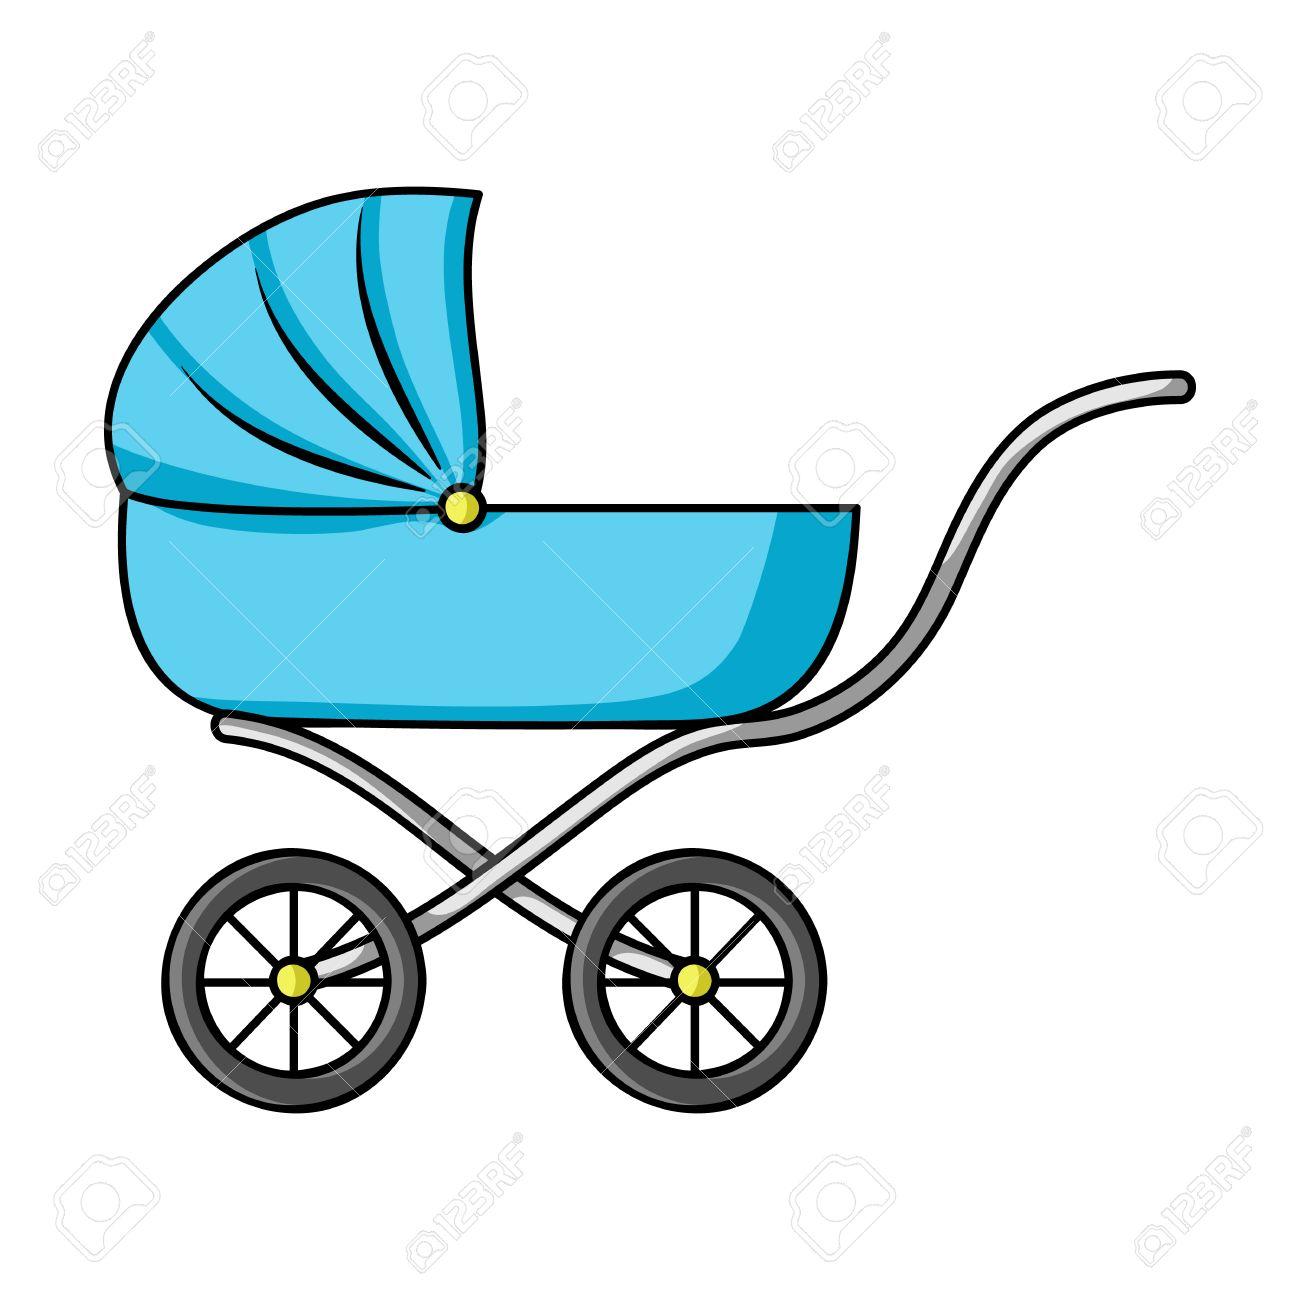 Icono del cochecito de niño en estilo de dibujos animados aislado en el fondo blanco. ilustración nacido simbolo bebé.